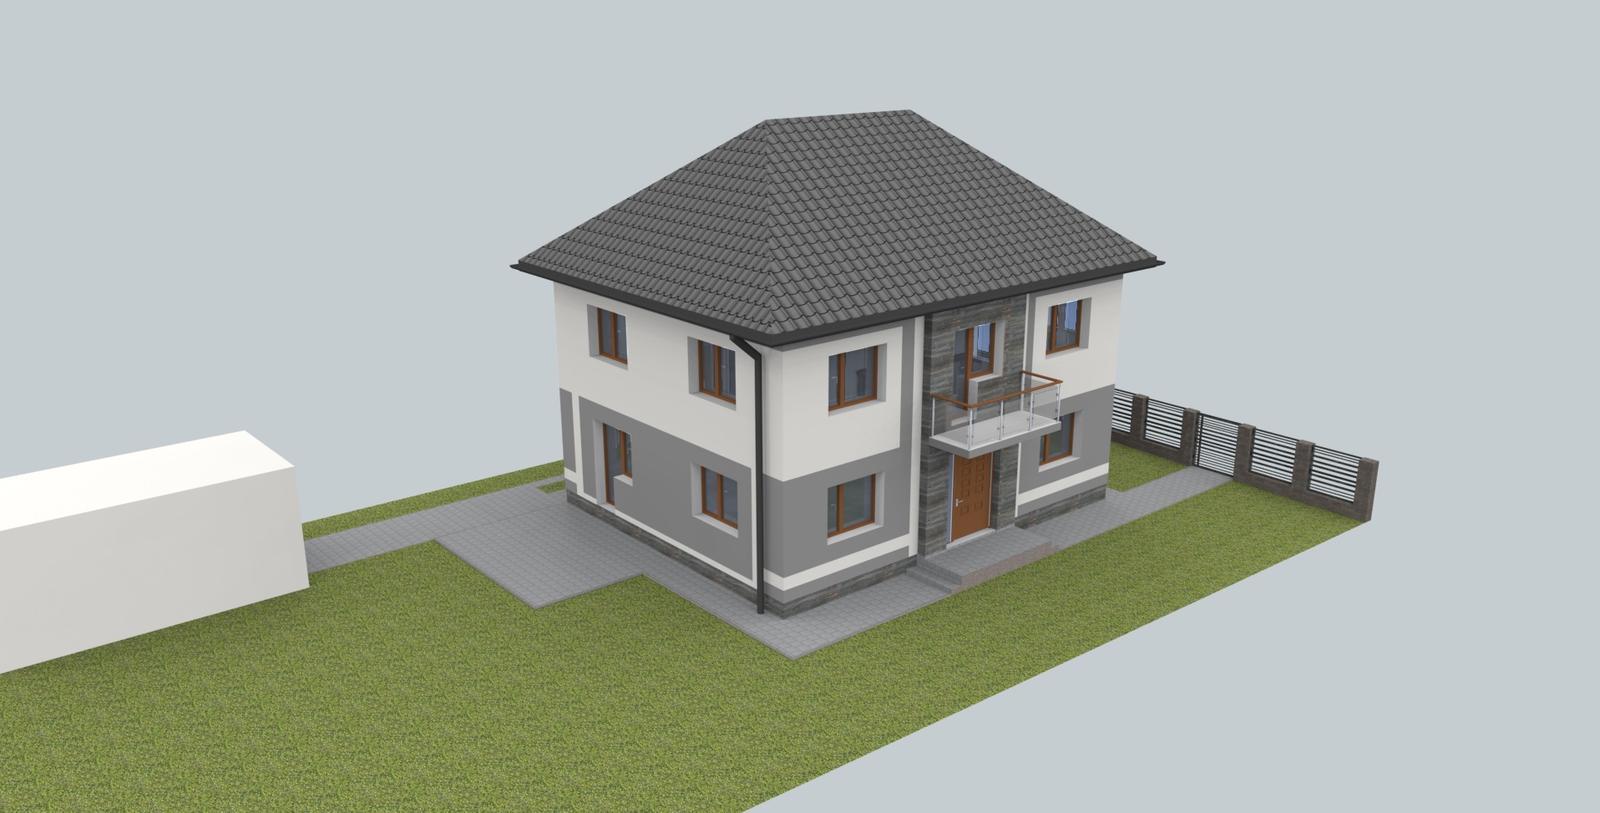 Návrh fasády s oplotením - Obrázok č. 5